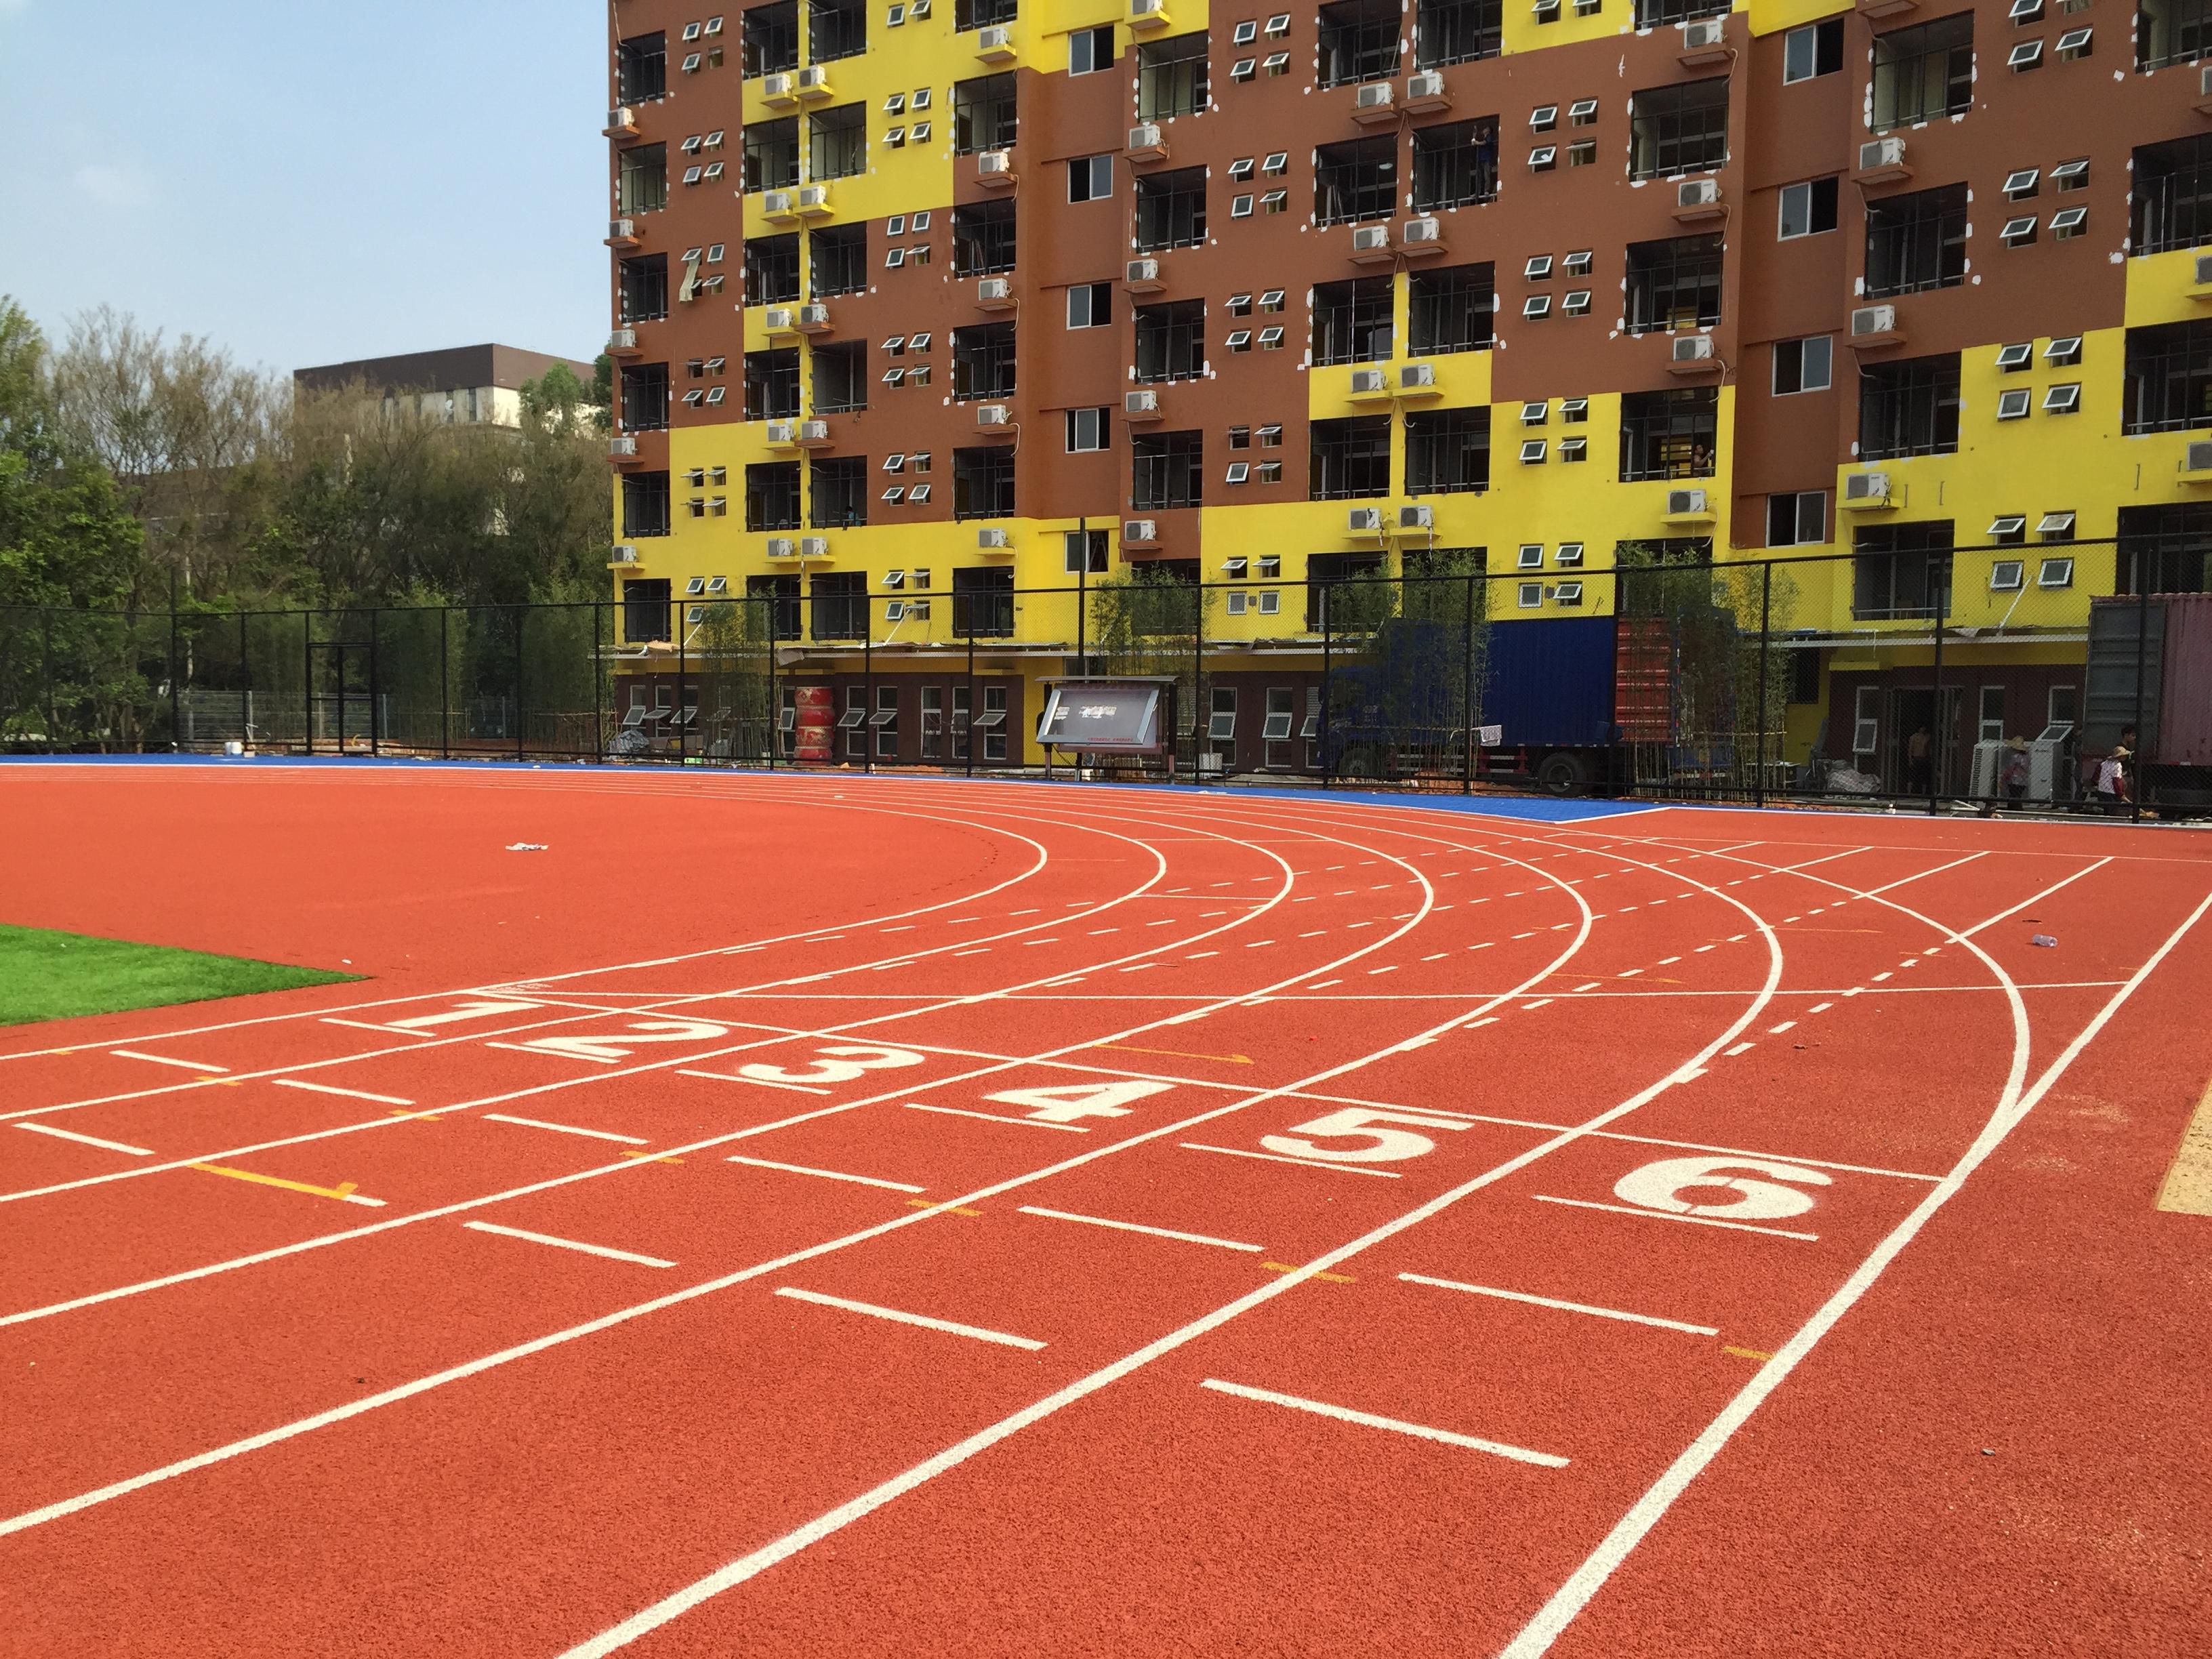 福建塑胶球场-塑胶跑道施工方案-学校彩色跑道价格